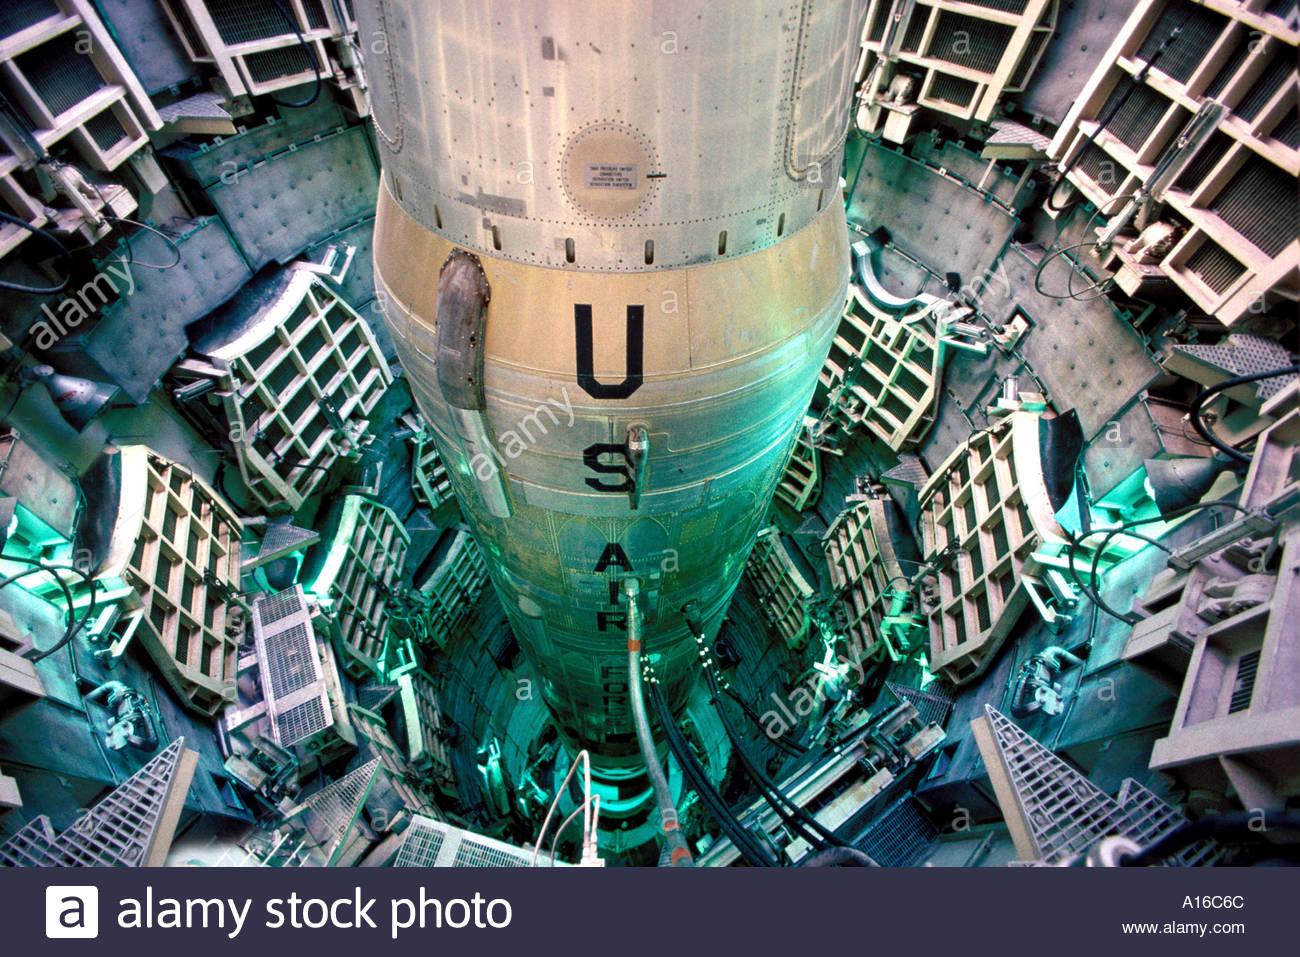 Titan II de missiles balistiques intercontinentaux ICBM Missile Museum à Green Valley en Arizona, a été ciblé en Russie Photo Stock